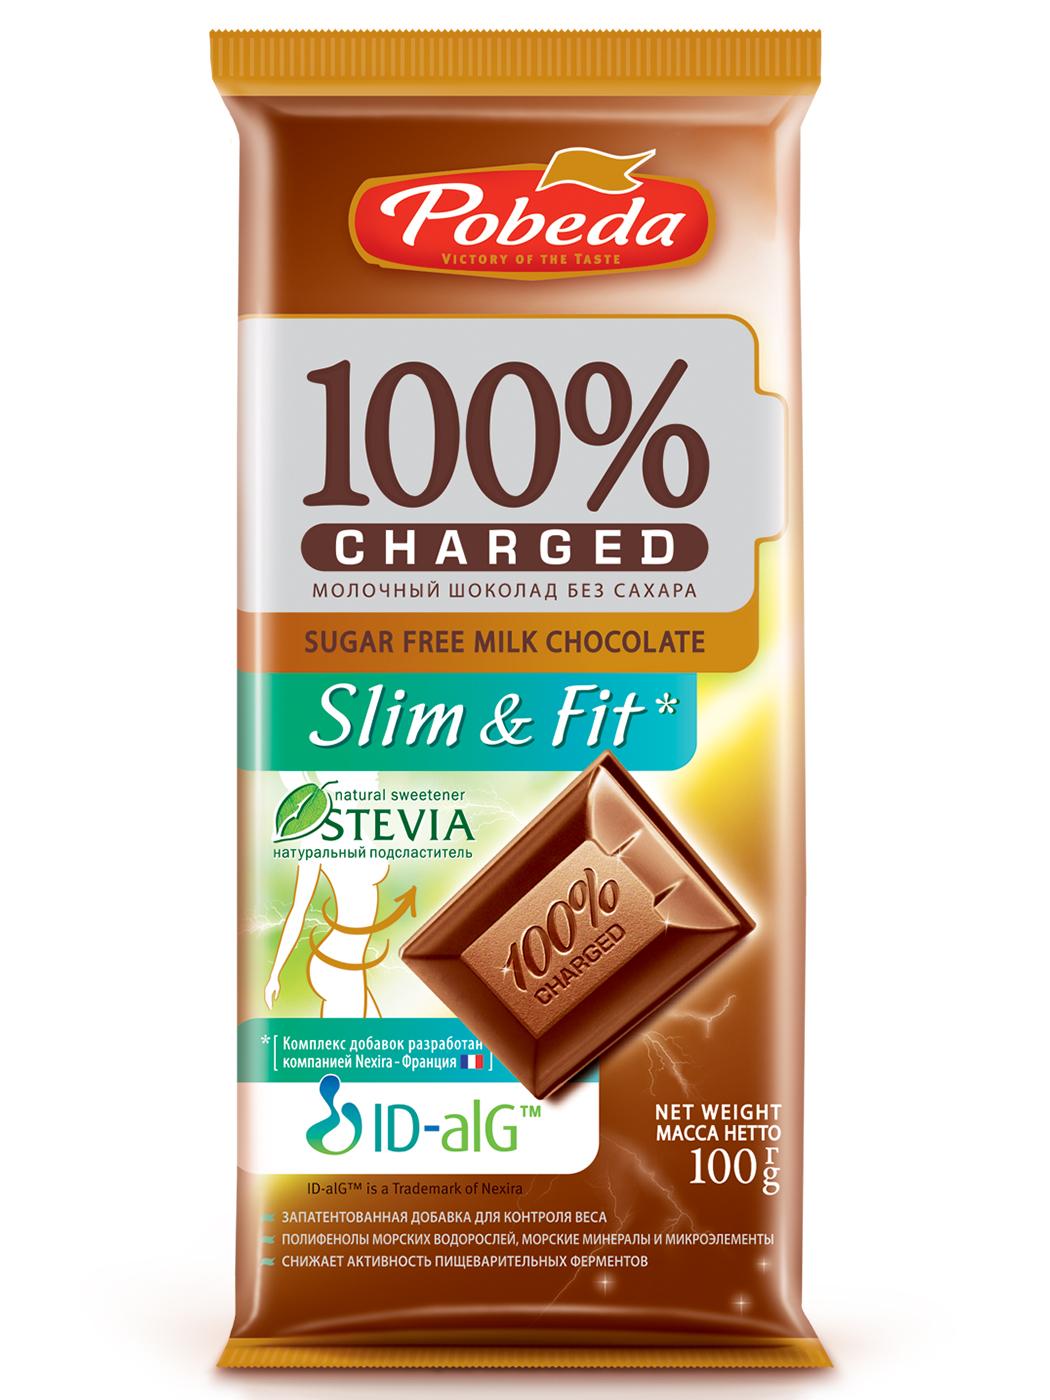 Шоколад молочный Победа Вкуса без добавления сахара чаржед слим энд фит фото